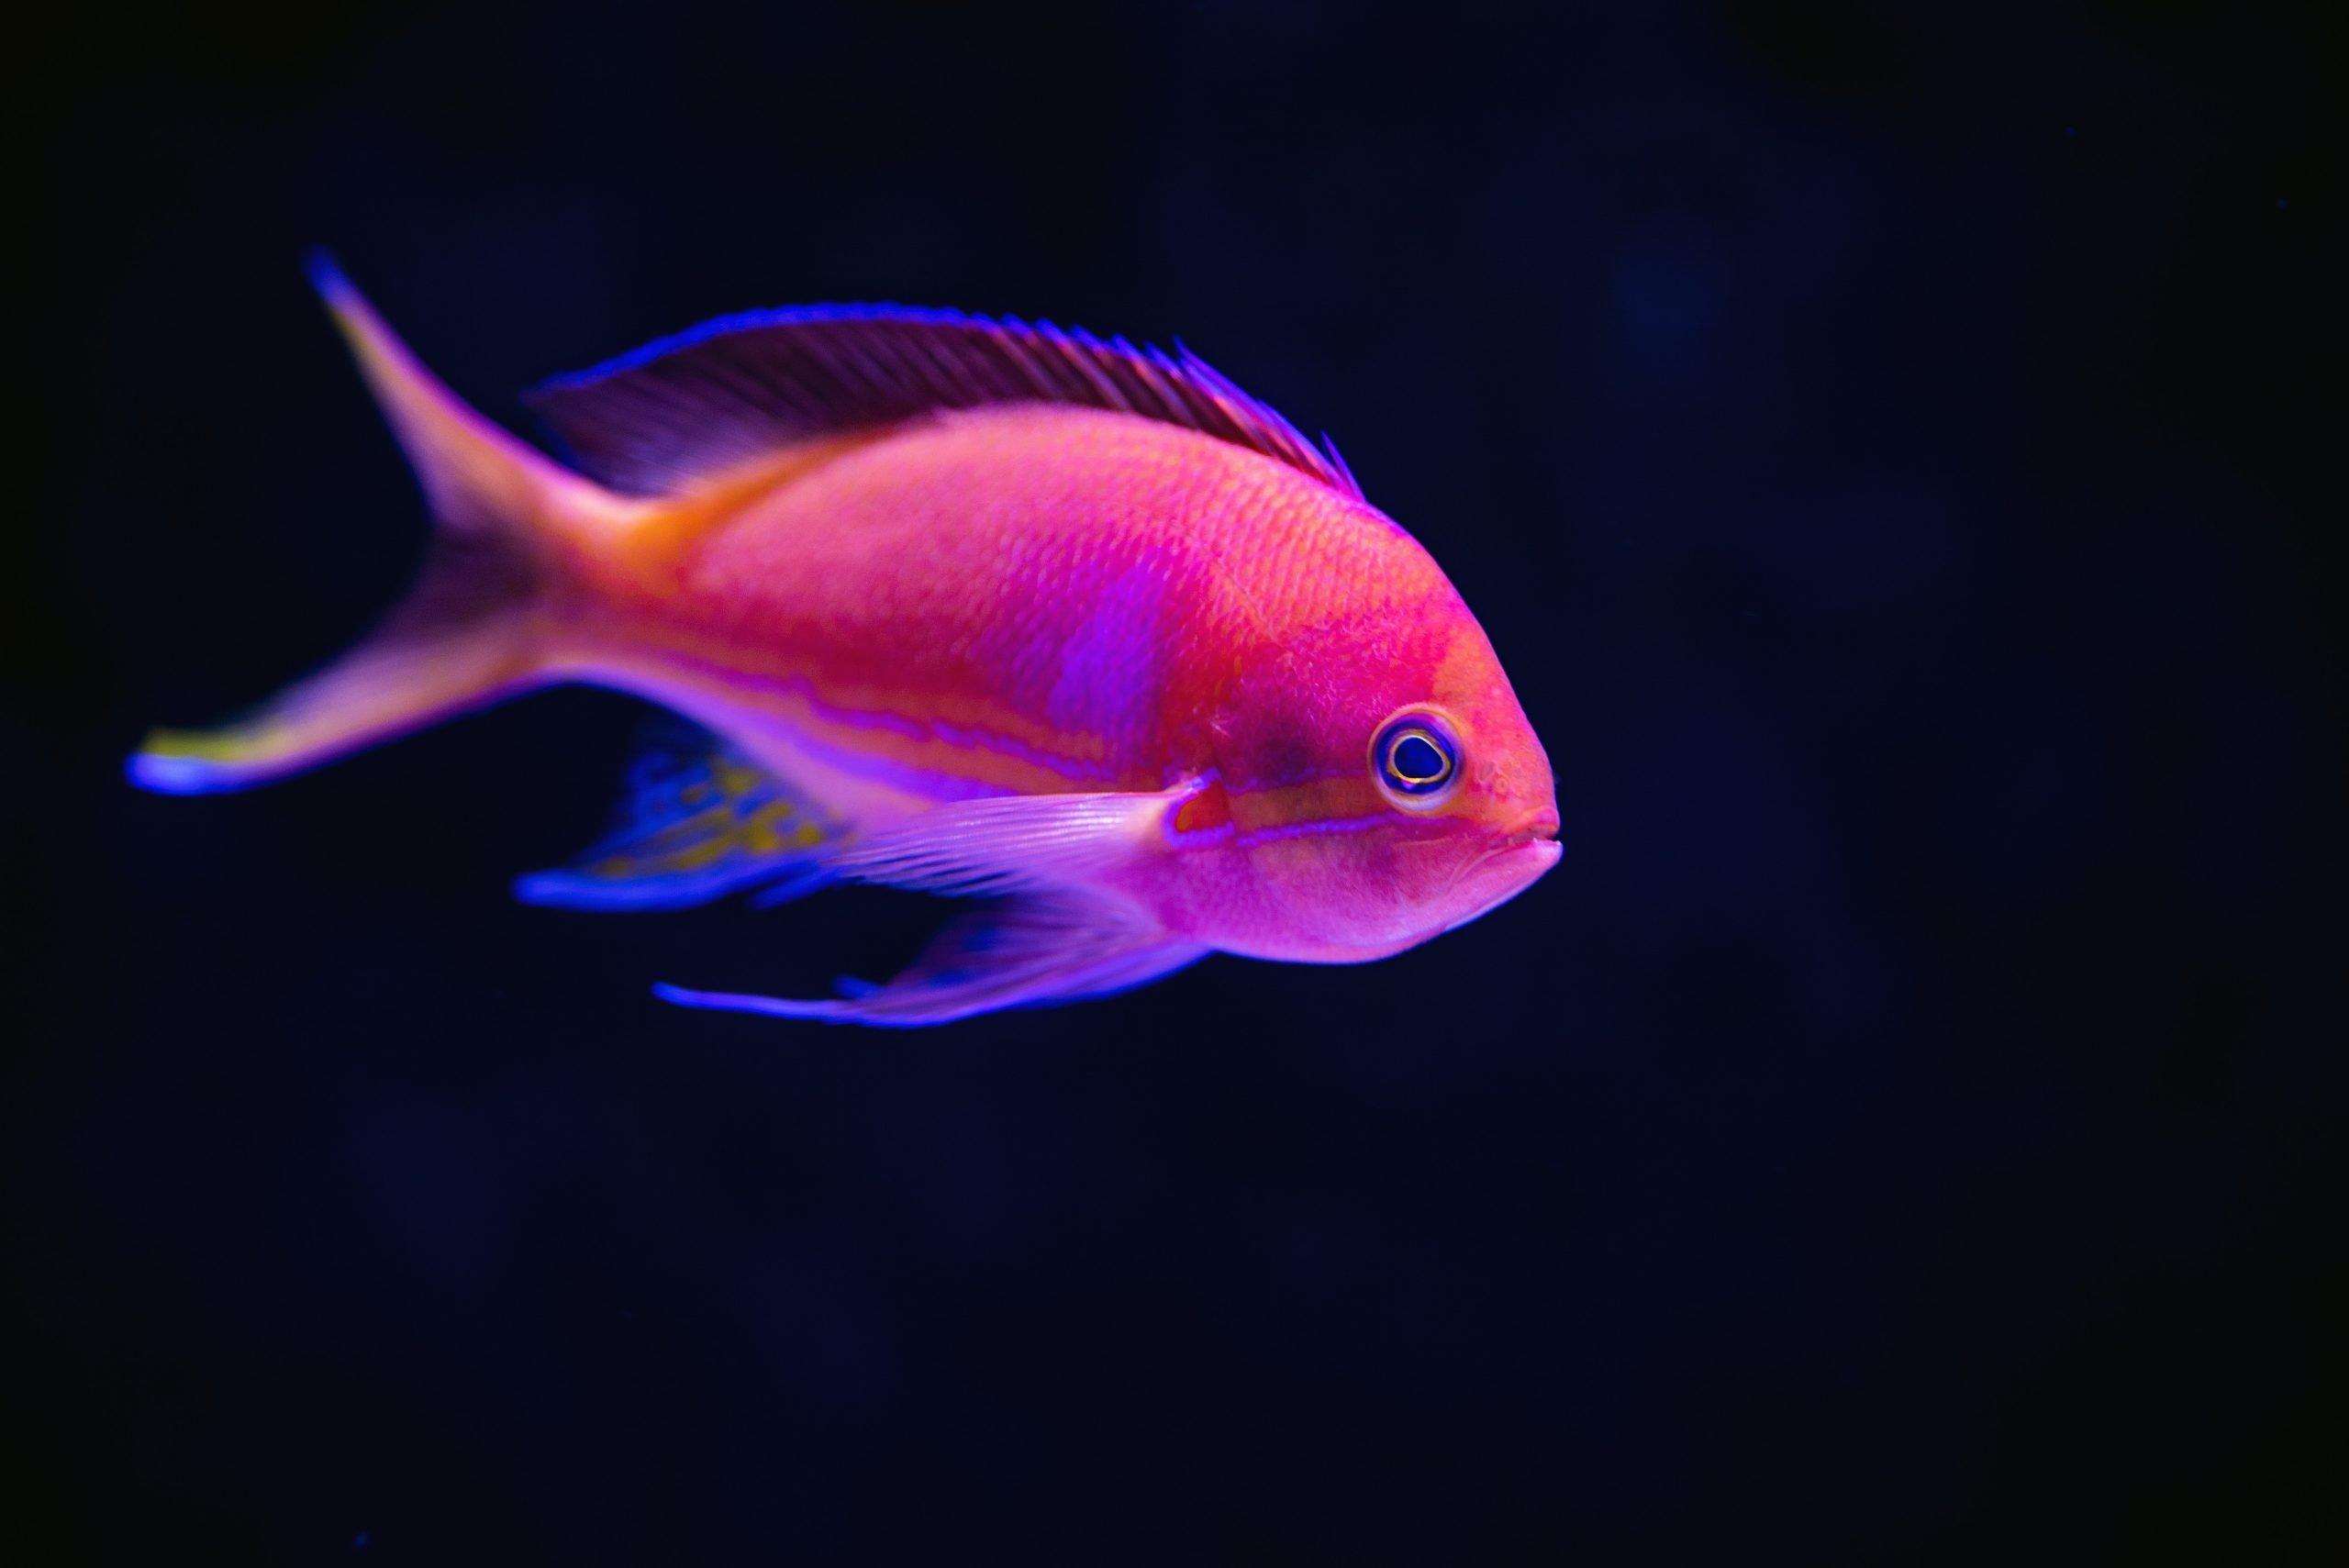 Cómo aclimatar nuevos peces en tu acuario de forma segura